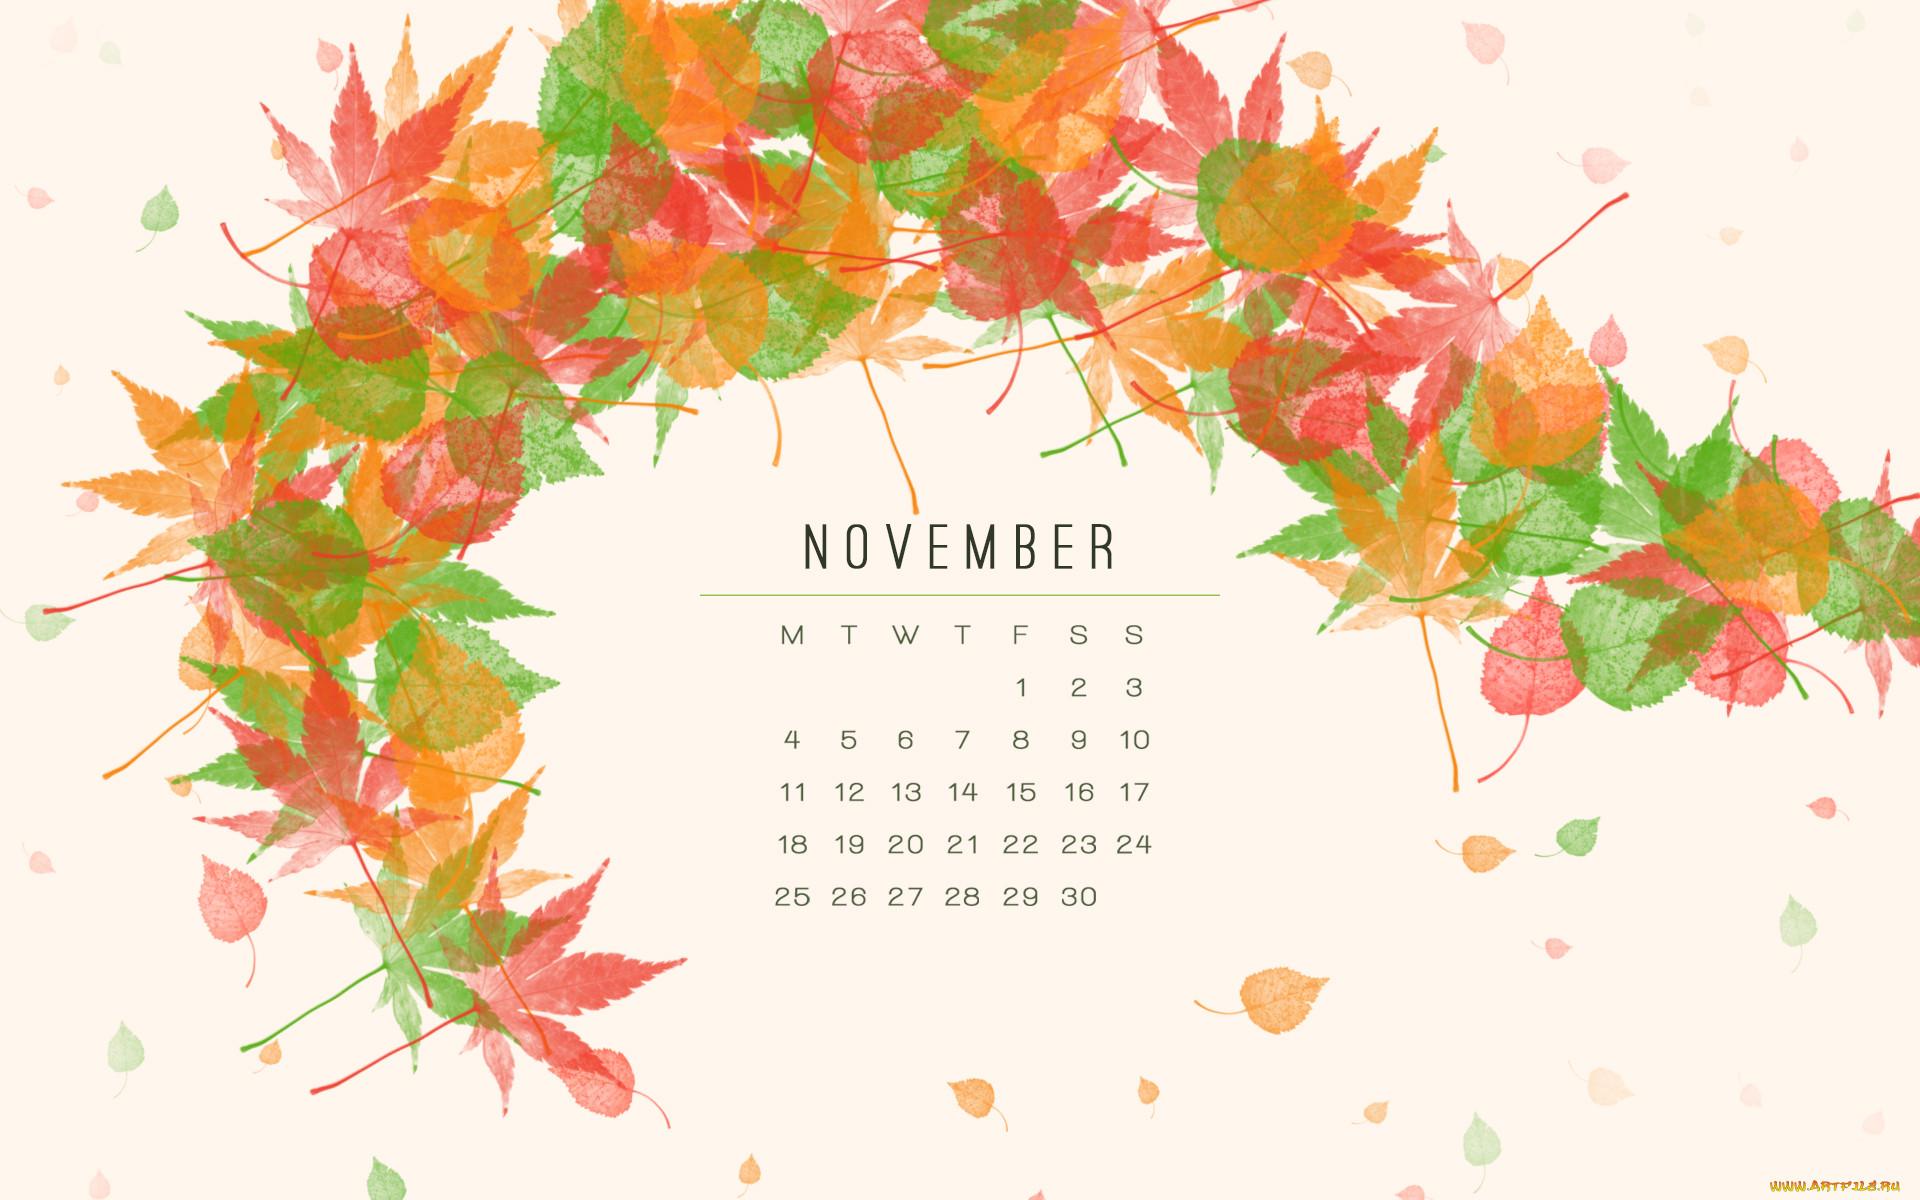 Картинка календаря ноябрь